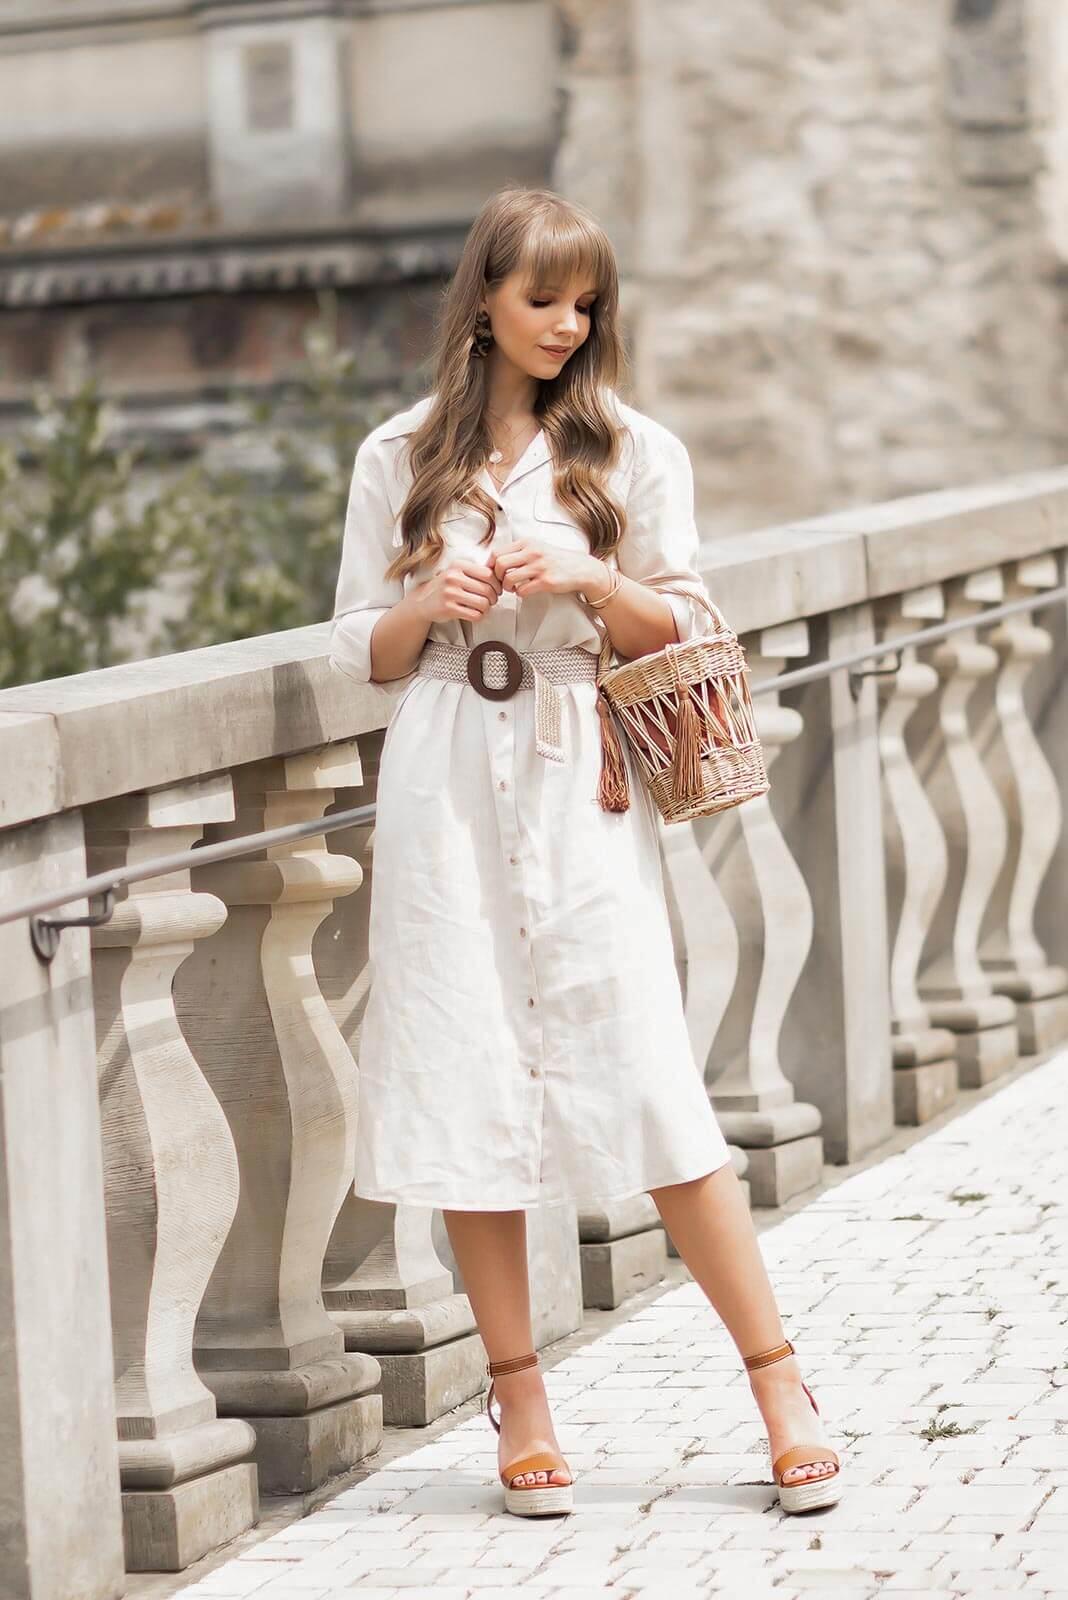 Sommerkleider 2020, Kleider Trends für den Sommer, Hemdkleider, Leinenkleider, Shoelove by Deichmann